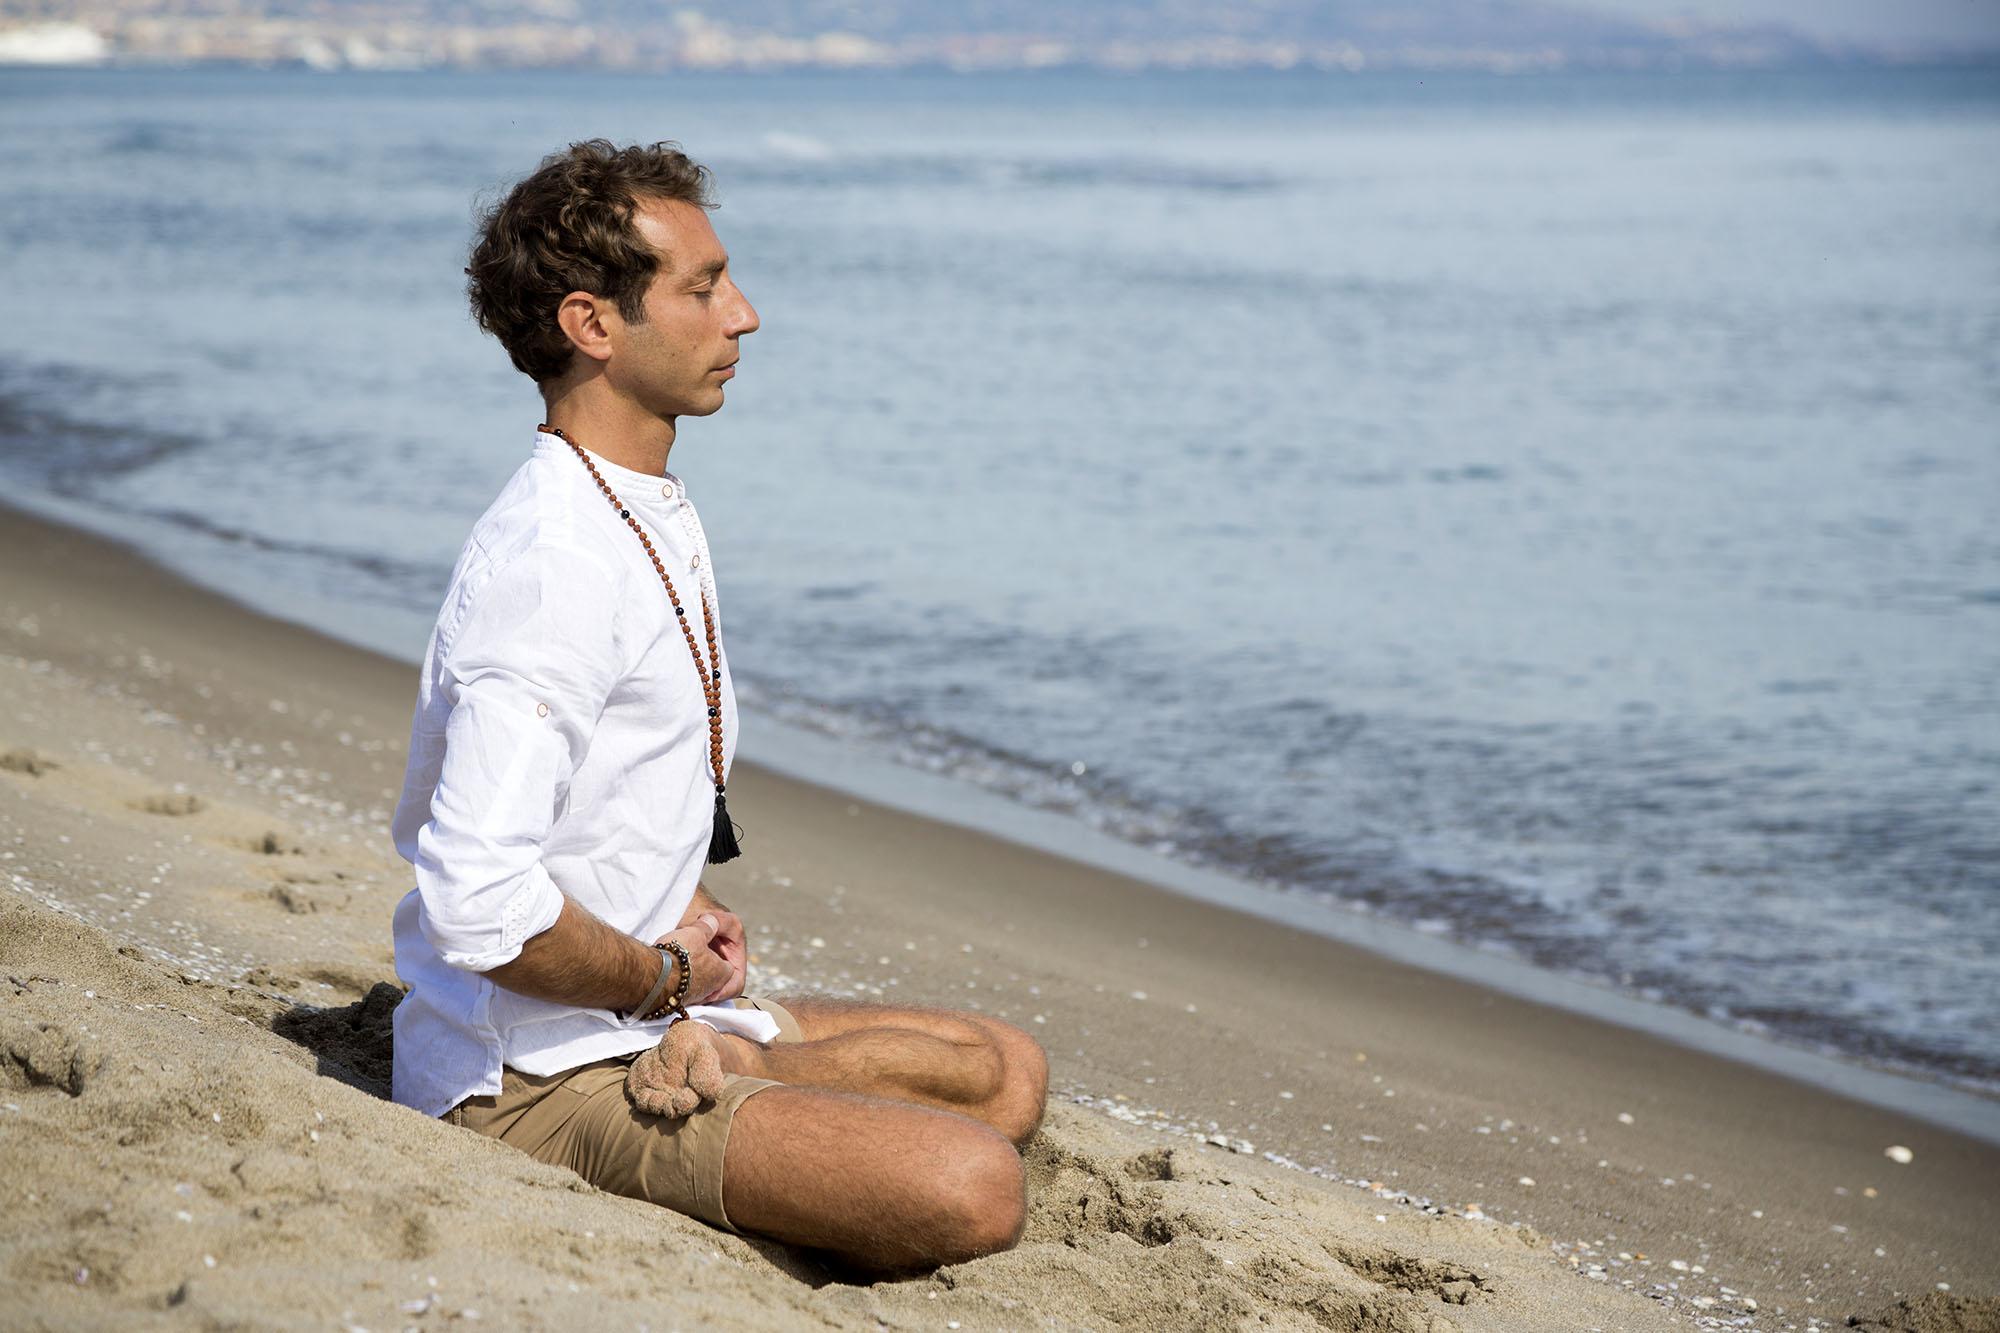 dharana, dhyana e samadhi sono gli stadi finali della meditazione